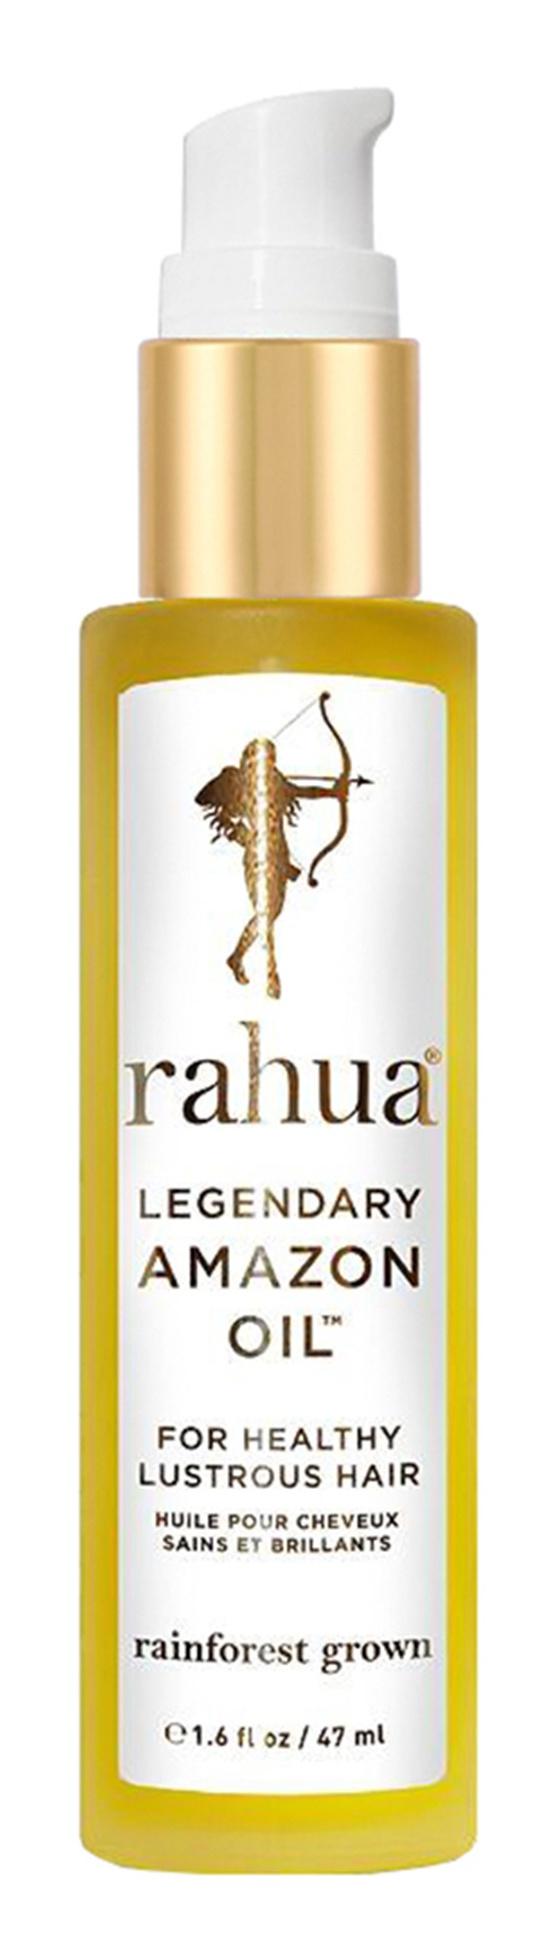 Rahua Legendary Amazon Oil